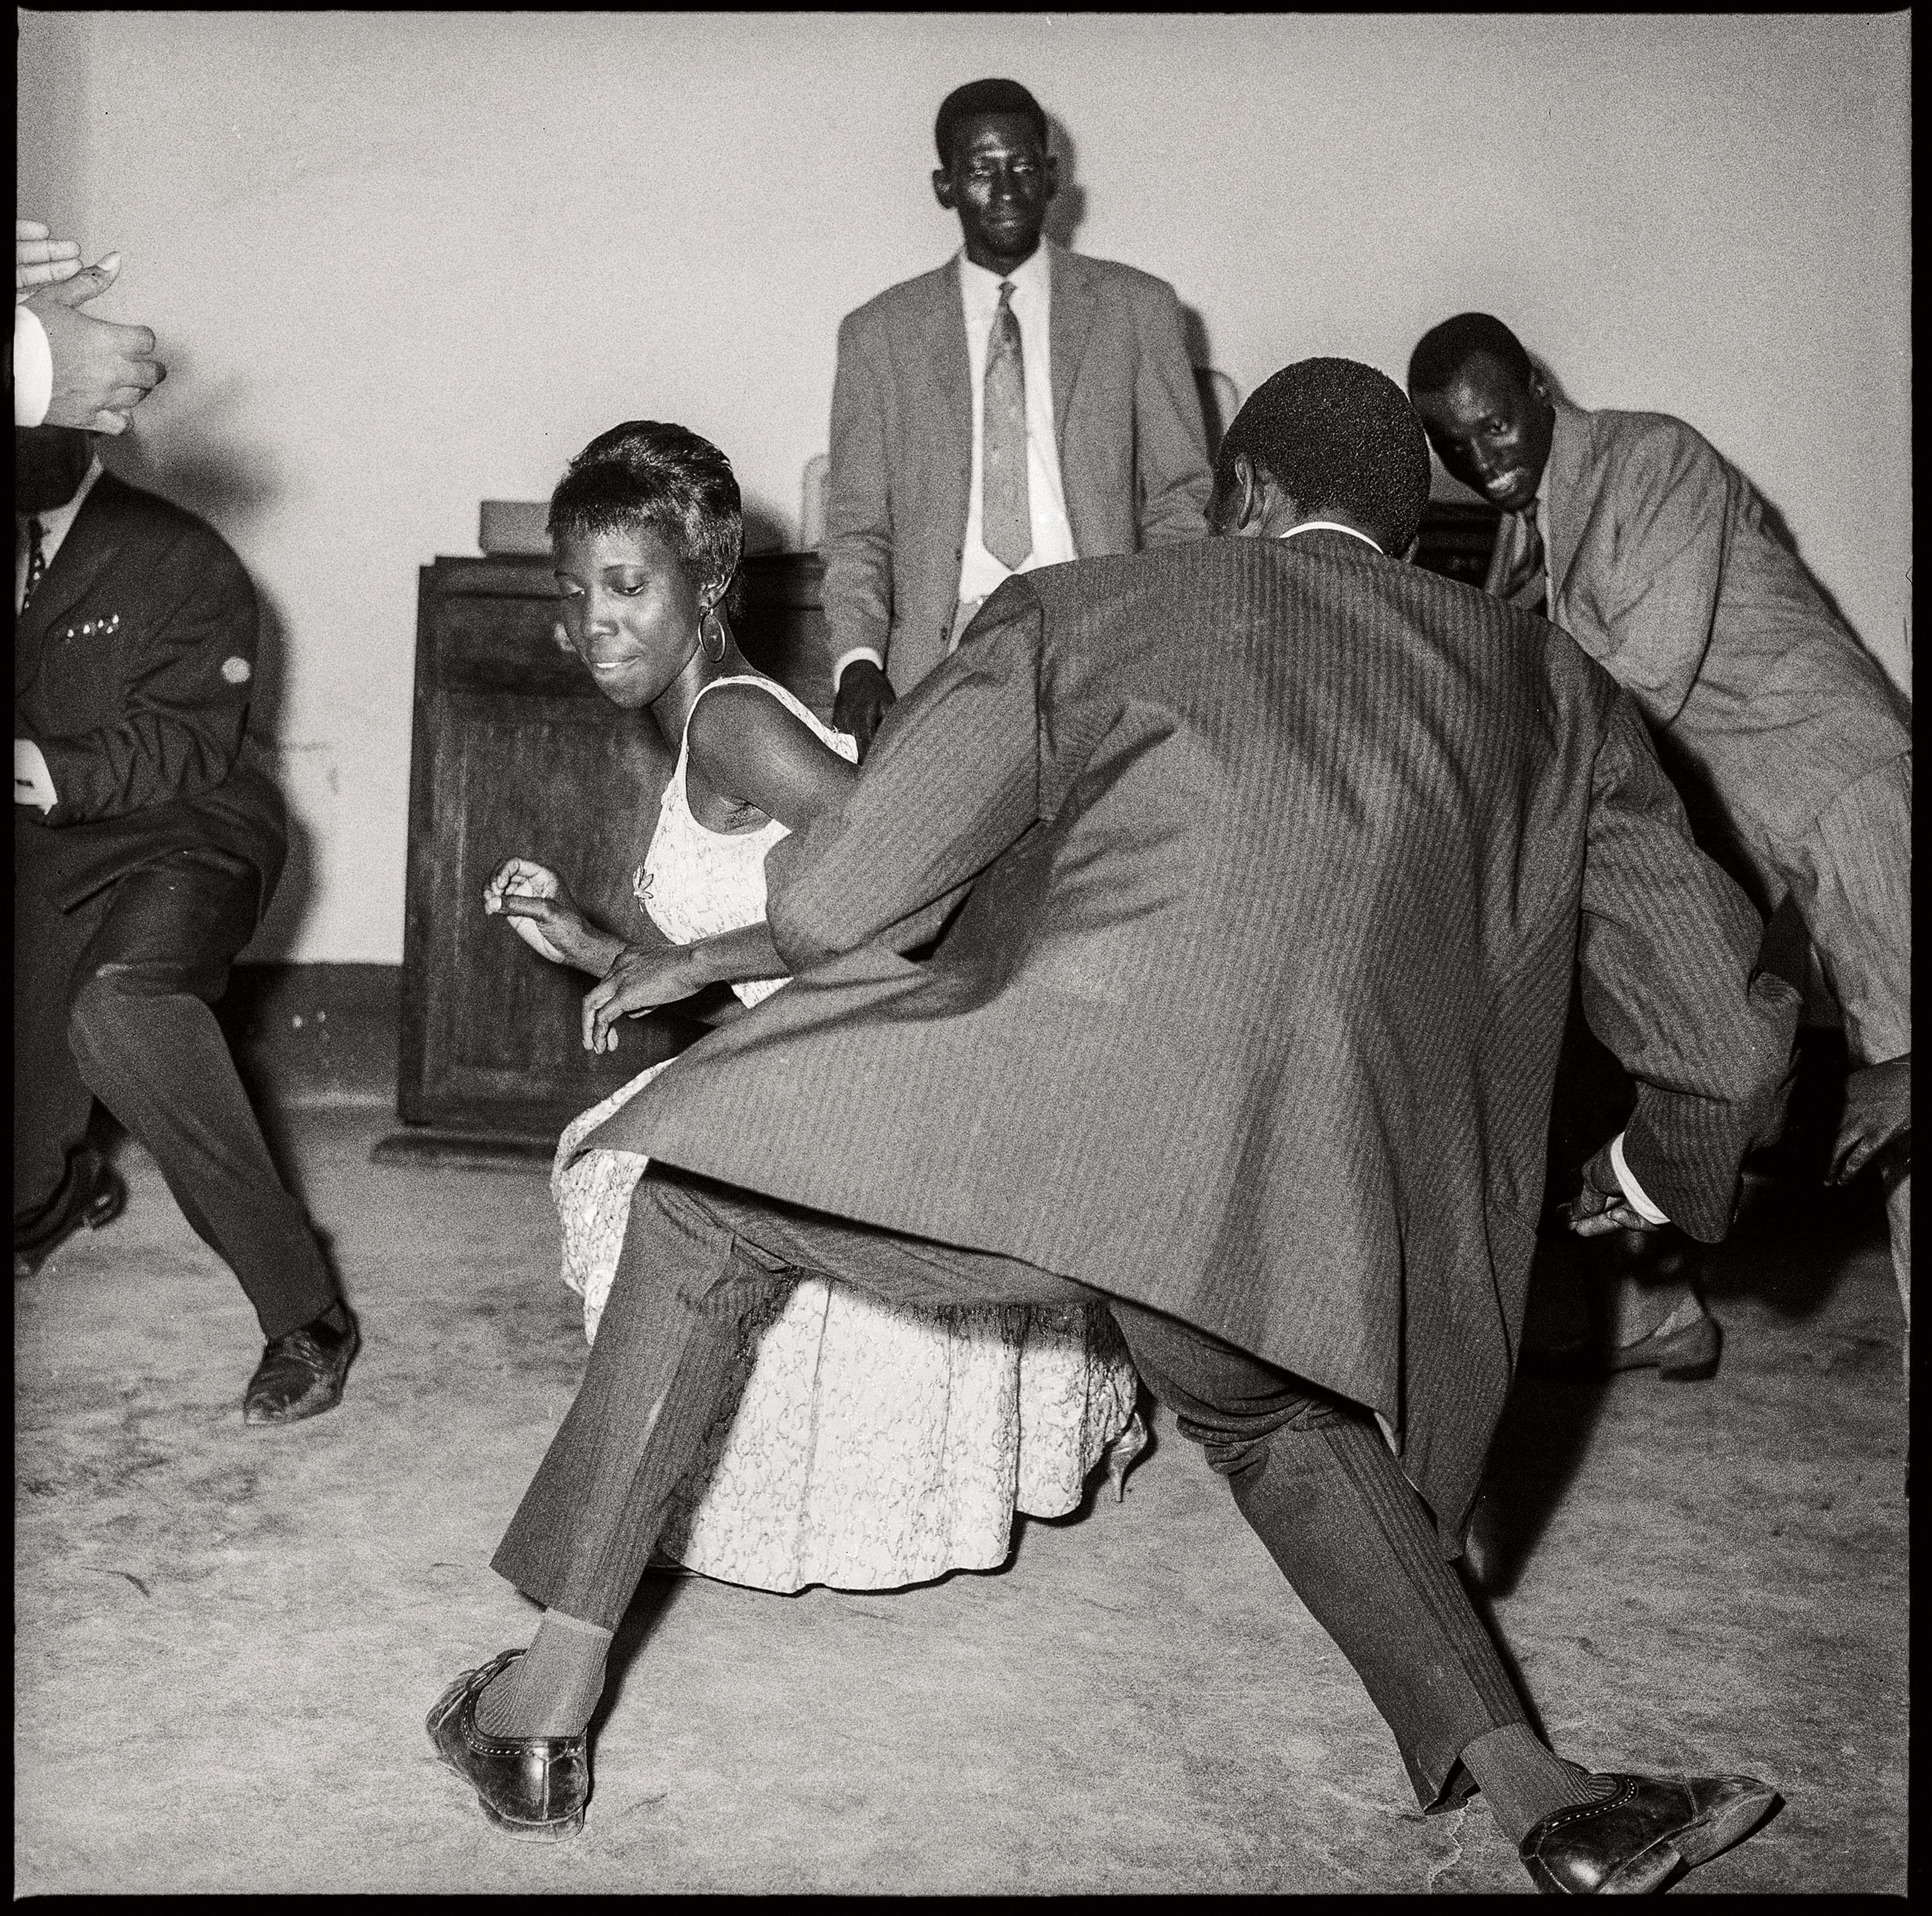 Malick Sidibé Danser le twist, 1965 Tirage gélatino-argentique 100,5 x 99 cm Collection Fondation Cartier pour l'art contemporain, Paris © Malick Sidibé